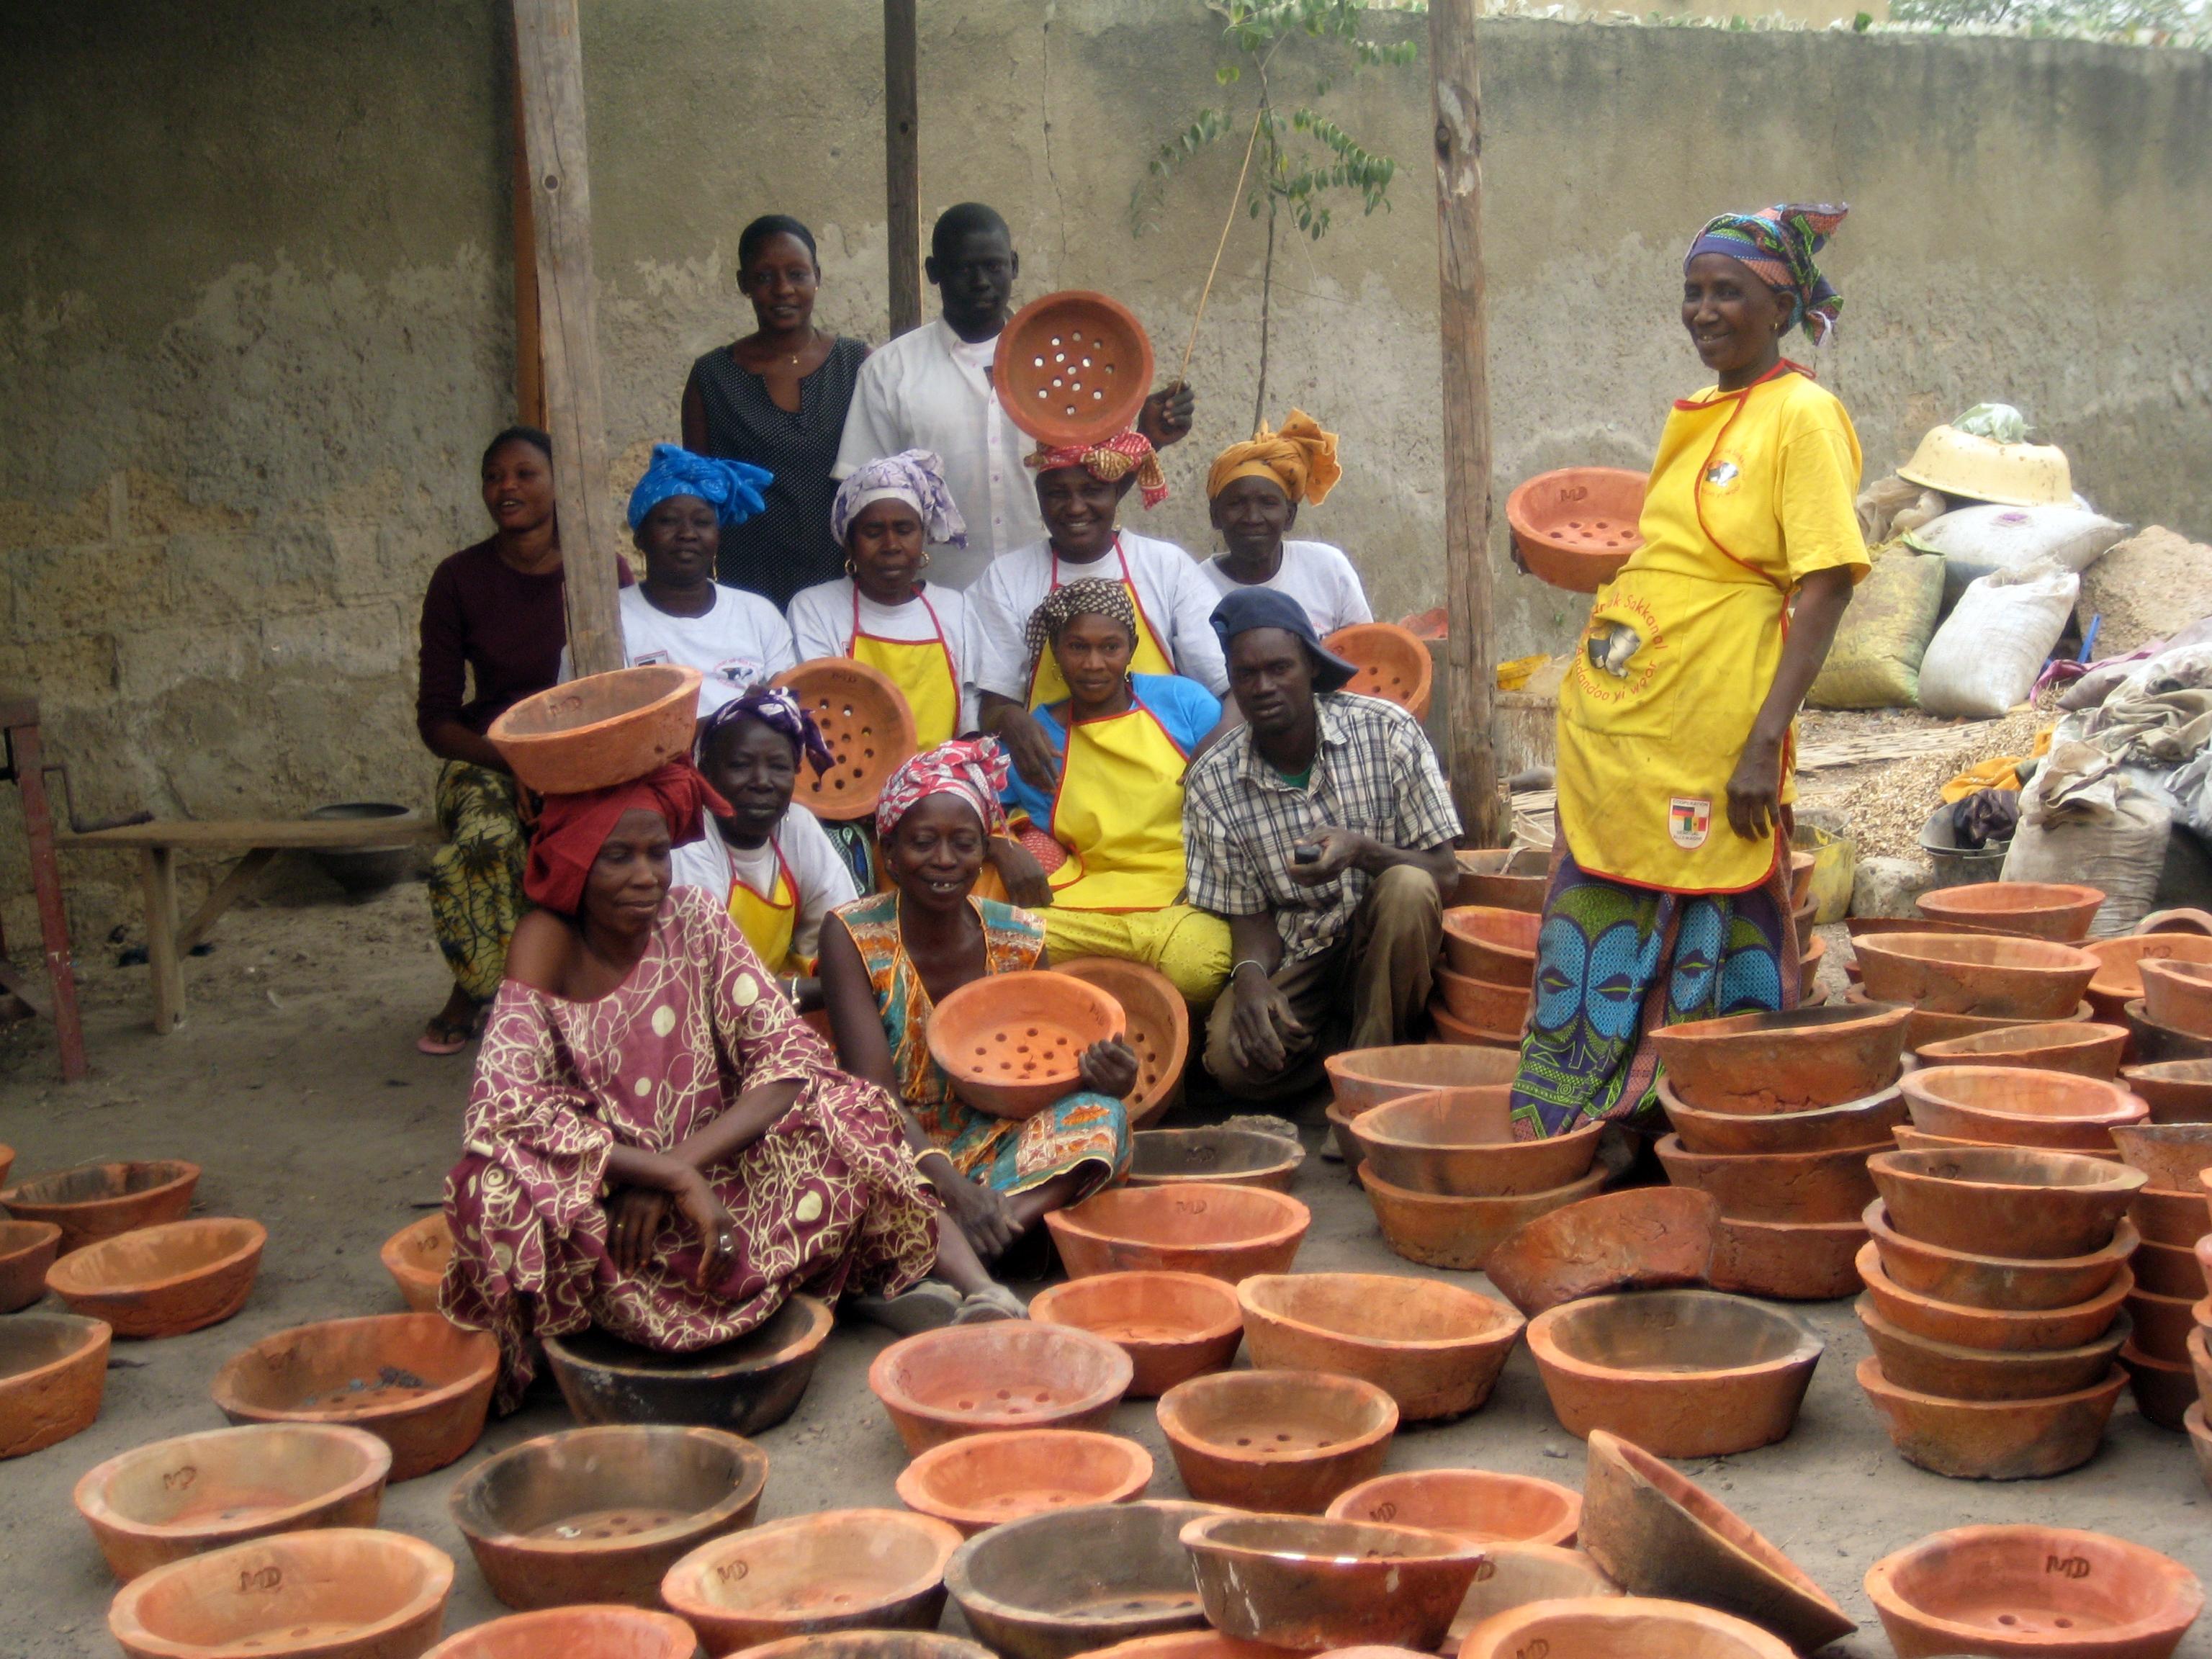 Frauen, die Keramikeinsätze in der Region Kaolack im Senegal herstellen.